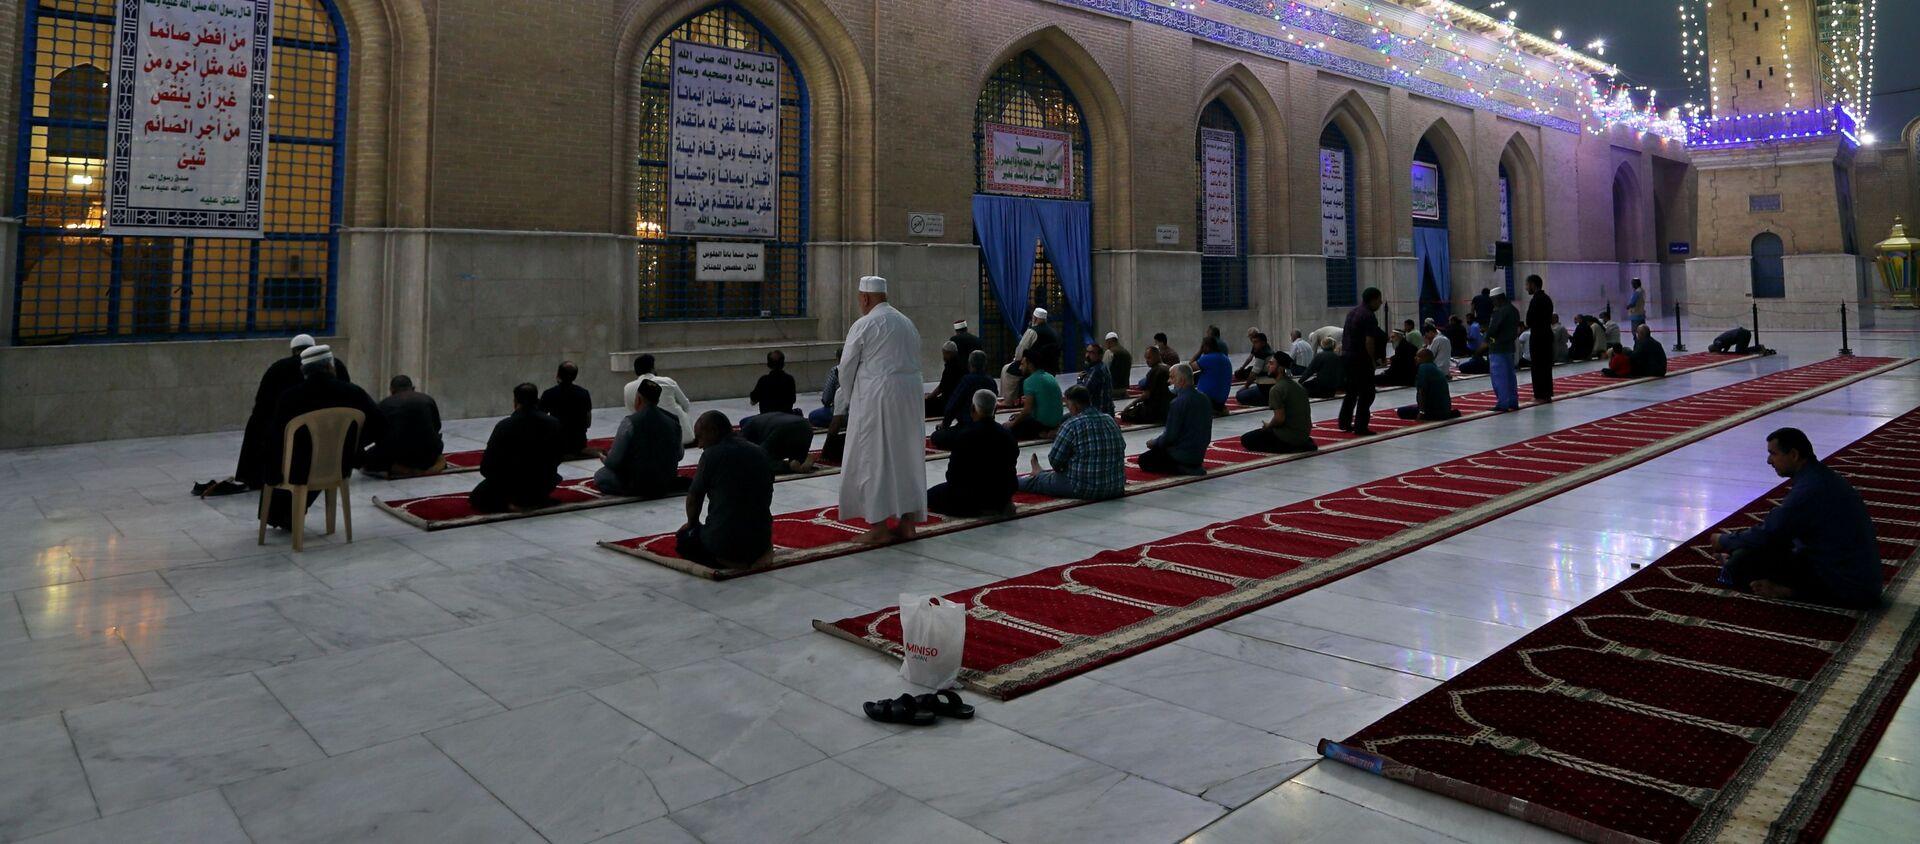 Мусульмане на вечерней молитве в суннитском святилище Абдул-Кадира аль-Гайлани перед наступающим месяцем мусульманского поста Рамадан в Багдаде, Ира - Sputnik Грузия, 1920, 11.04.2021